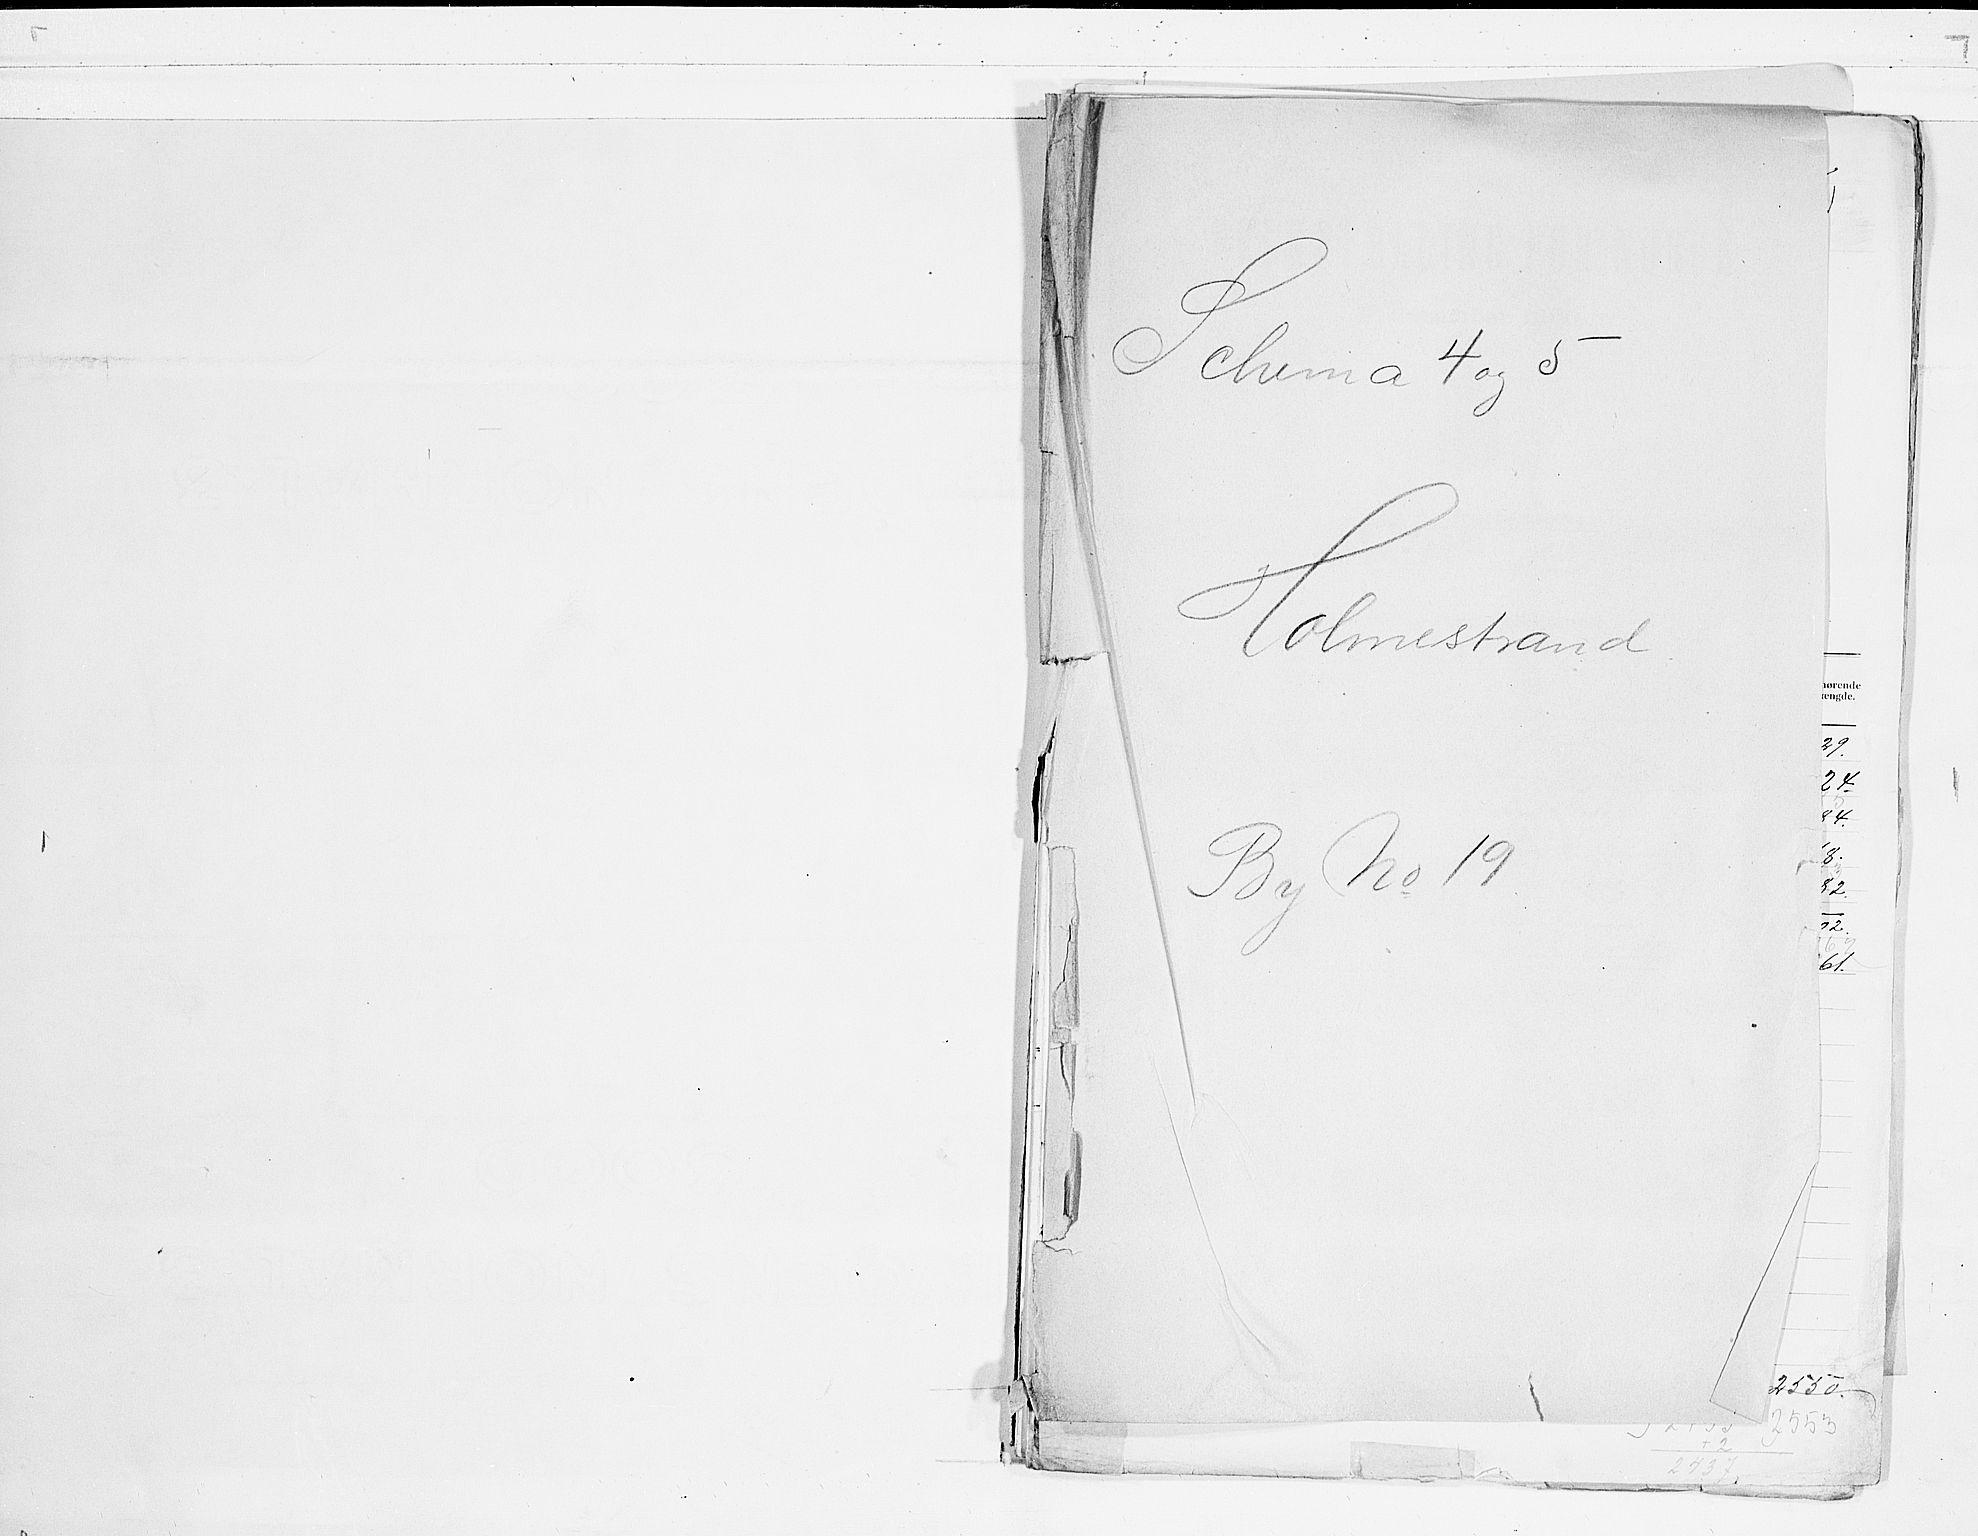 RA, Folketelling 1900 for 0702 Holmestrand kjøpstad, 1900, s. 1